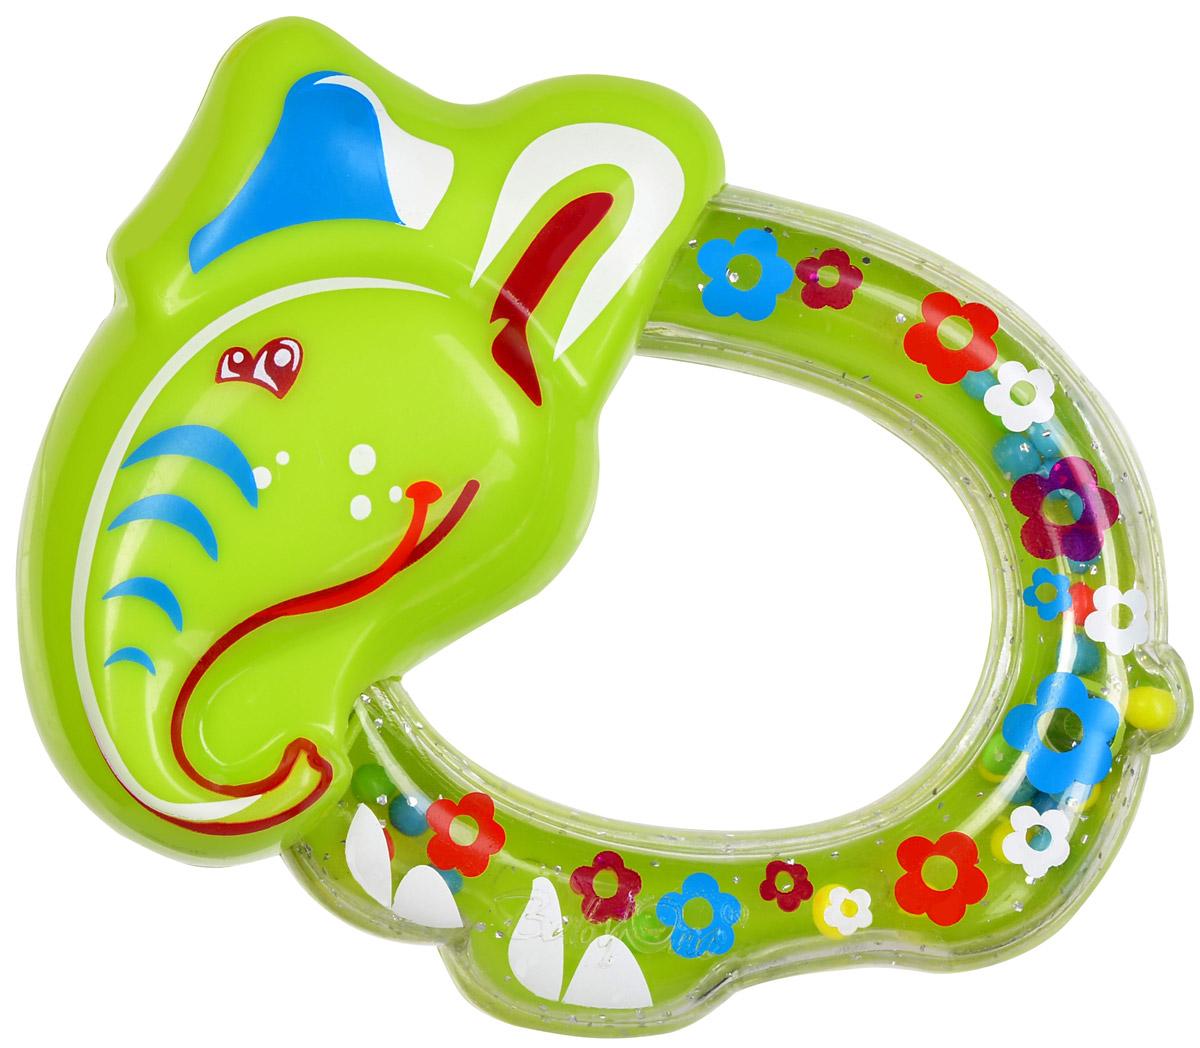 BabyOno Погремушка Слоненок1382Погремушка BabyOno Слоненок развивает осязательные, зрительные и двигательные способности, учит причинно-следственным связям. Игрушка наполнена цветными шариками, которые весело шумят при встряхивании. Малыш с удовольствием будет исследовать новую форму, наслаждаясь яркими цветами. Звуки погремушки развивают способность различать силу звука. Погремушка развивает моторику и мануальные способности ребенка, навыки захвата ладонью и перекладывания предметов из руки в руку. Легкая конструкция погремушки и ее форма рассчитаны для маленьких ручек ребенка. Не содержит бисфенол А. Товар сертифицирован.